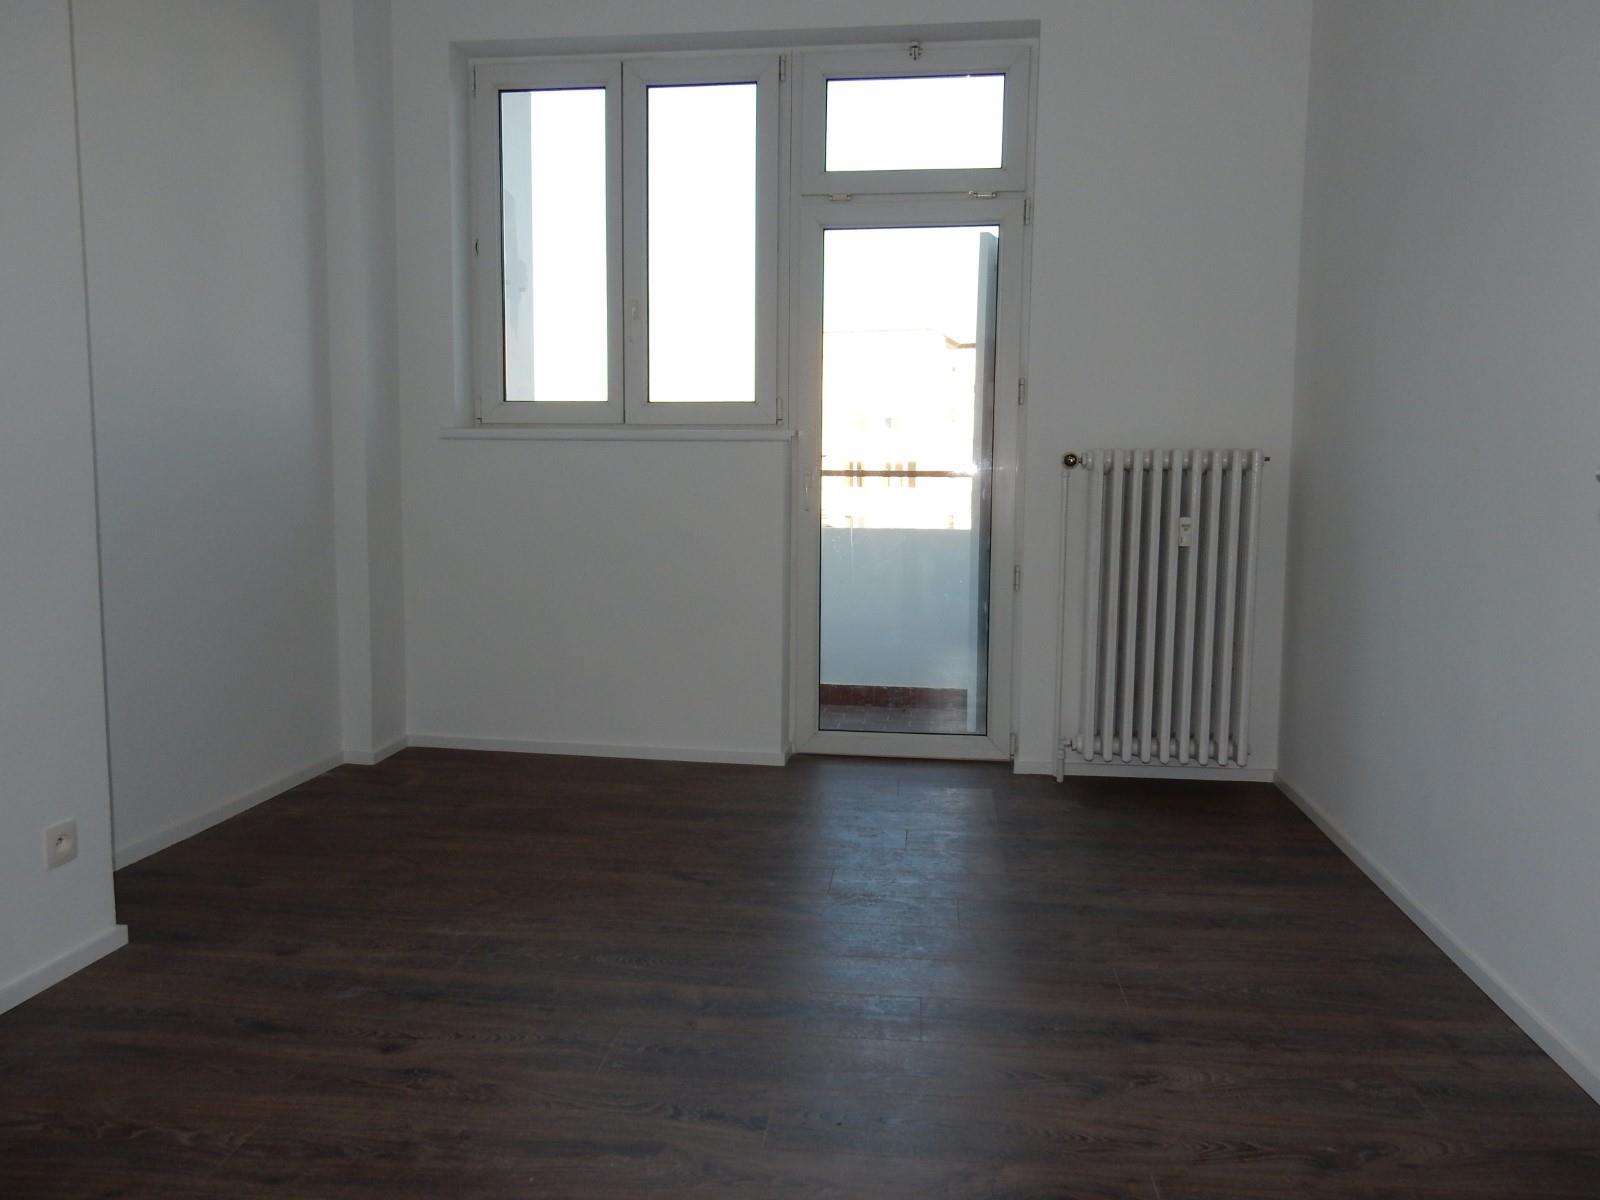 Flat - Ixelles - #2991900-10